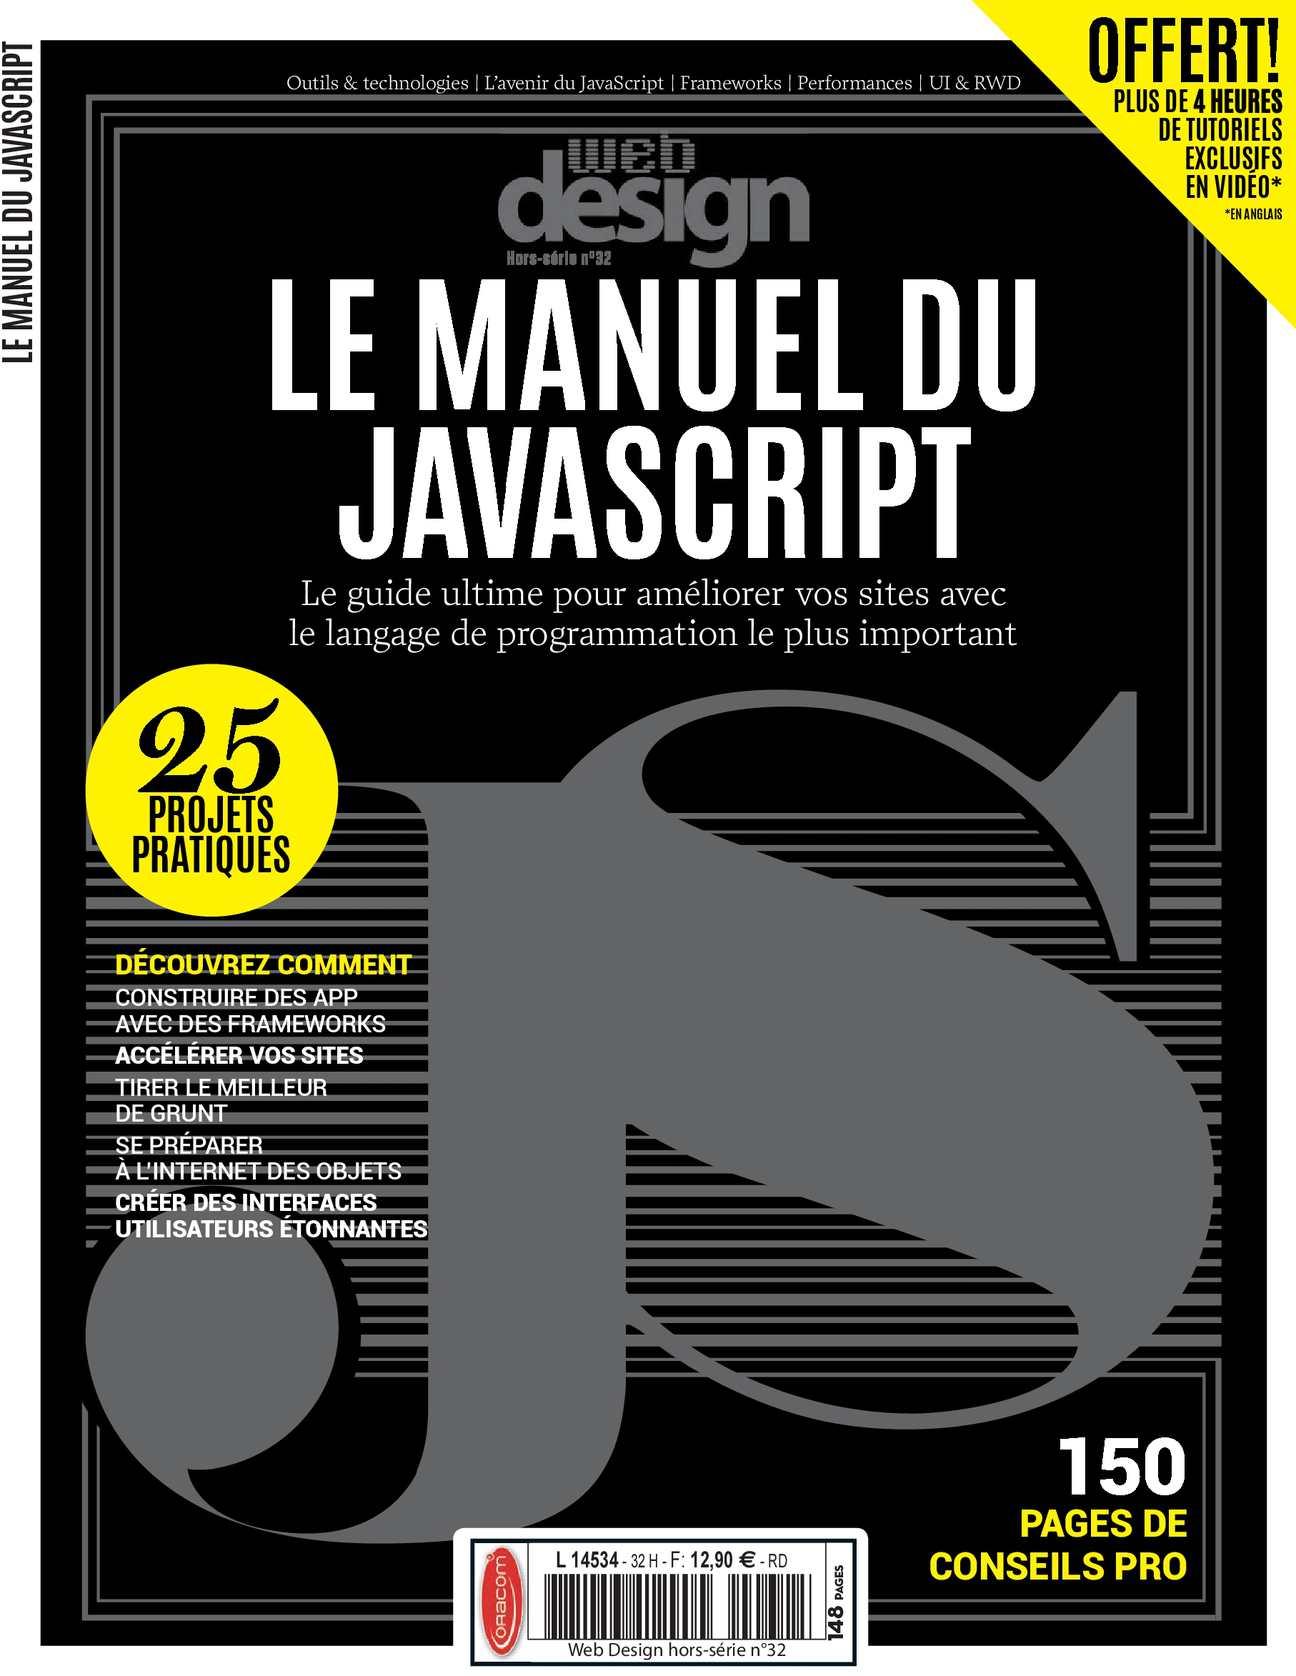 Le manuel du Javascript